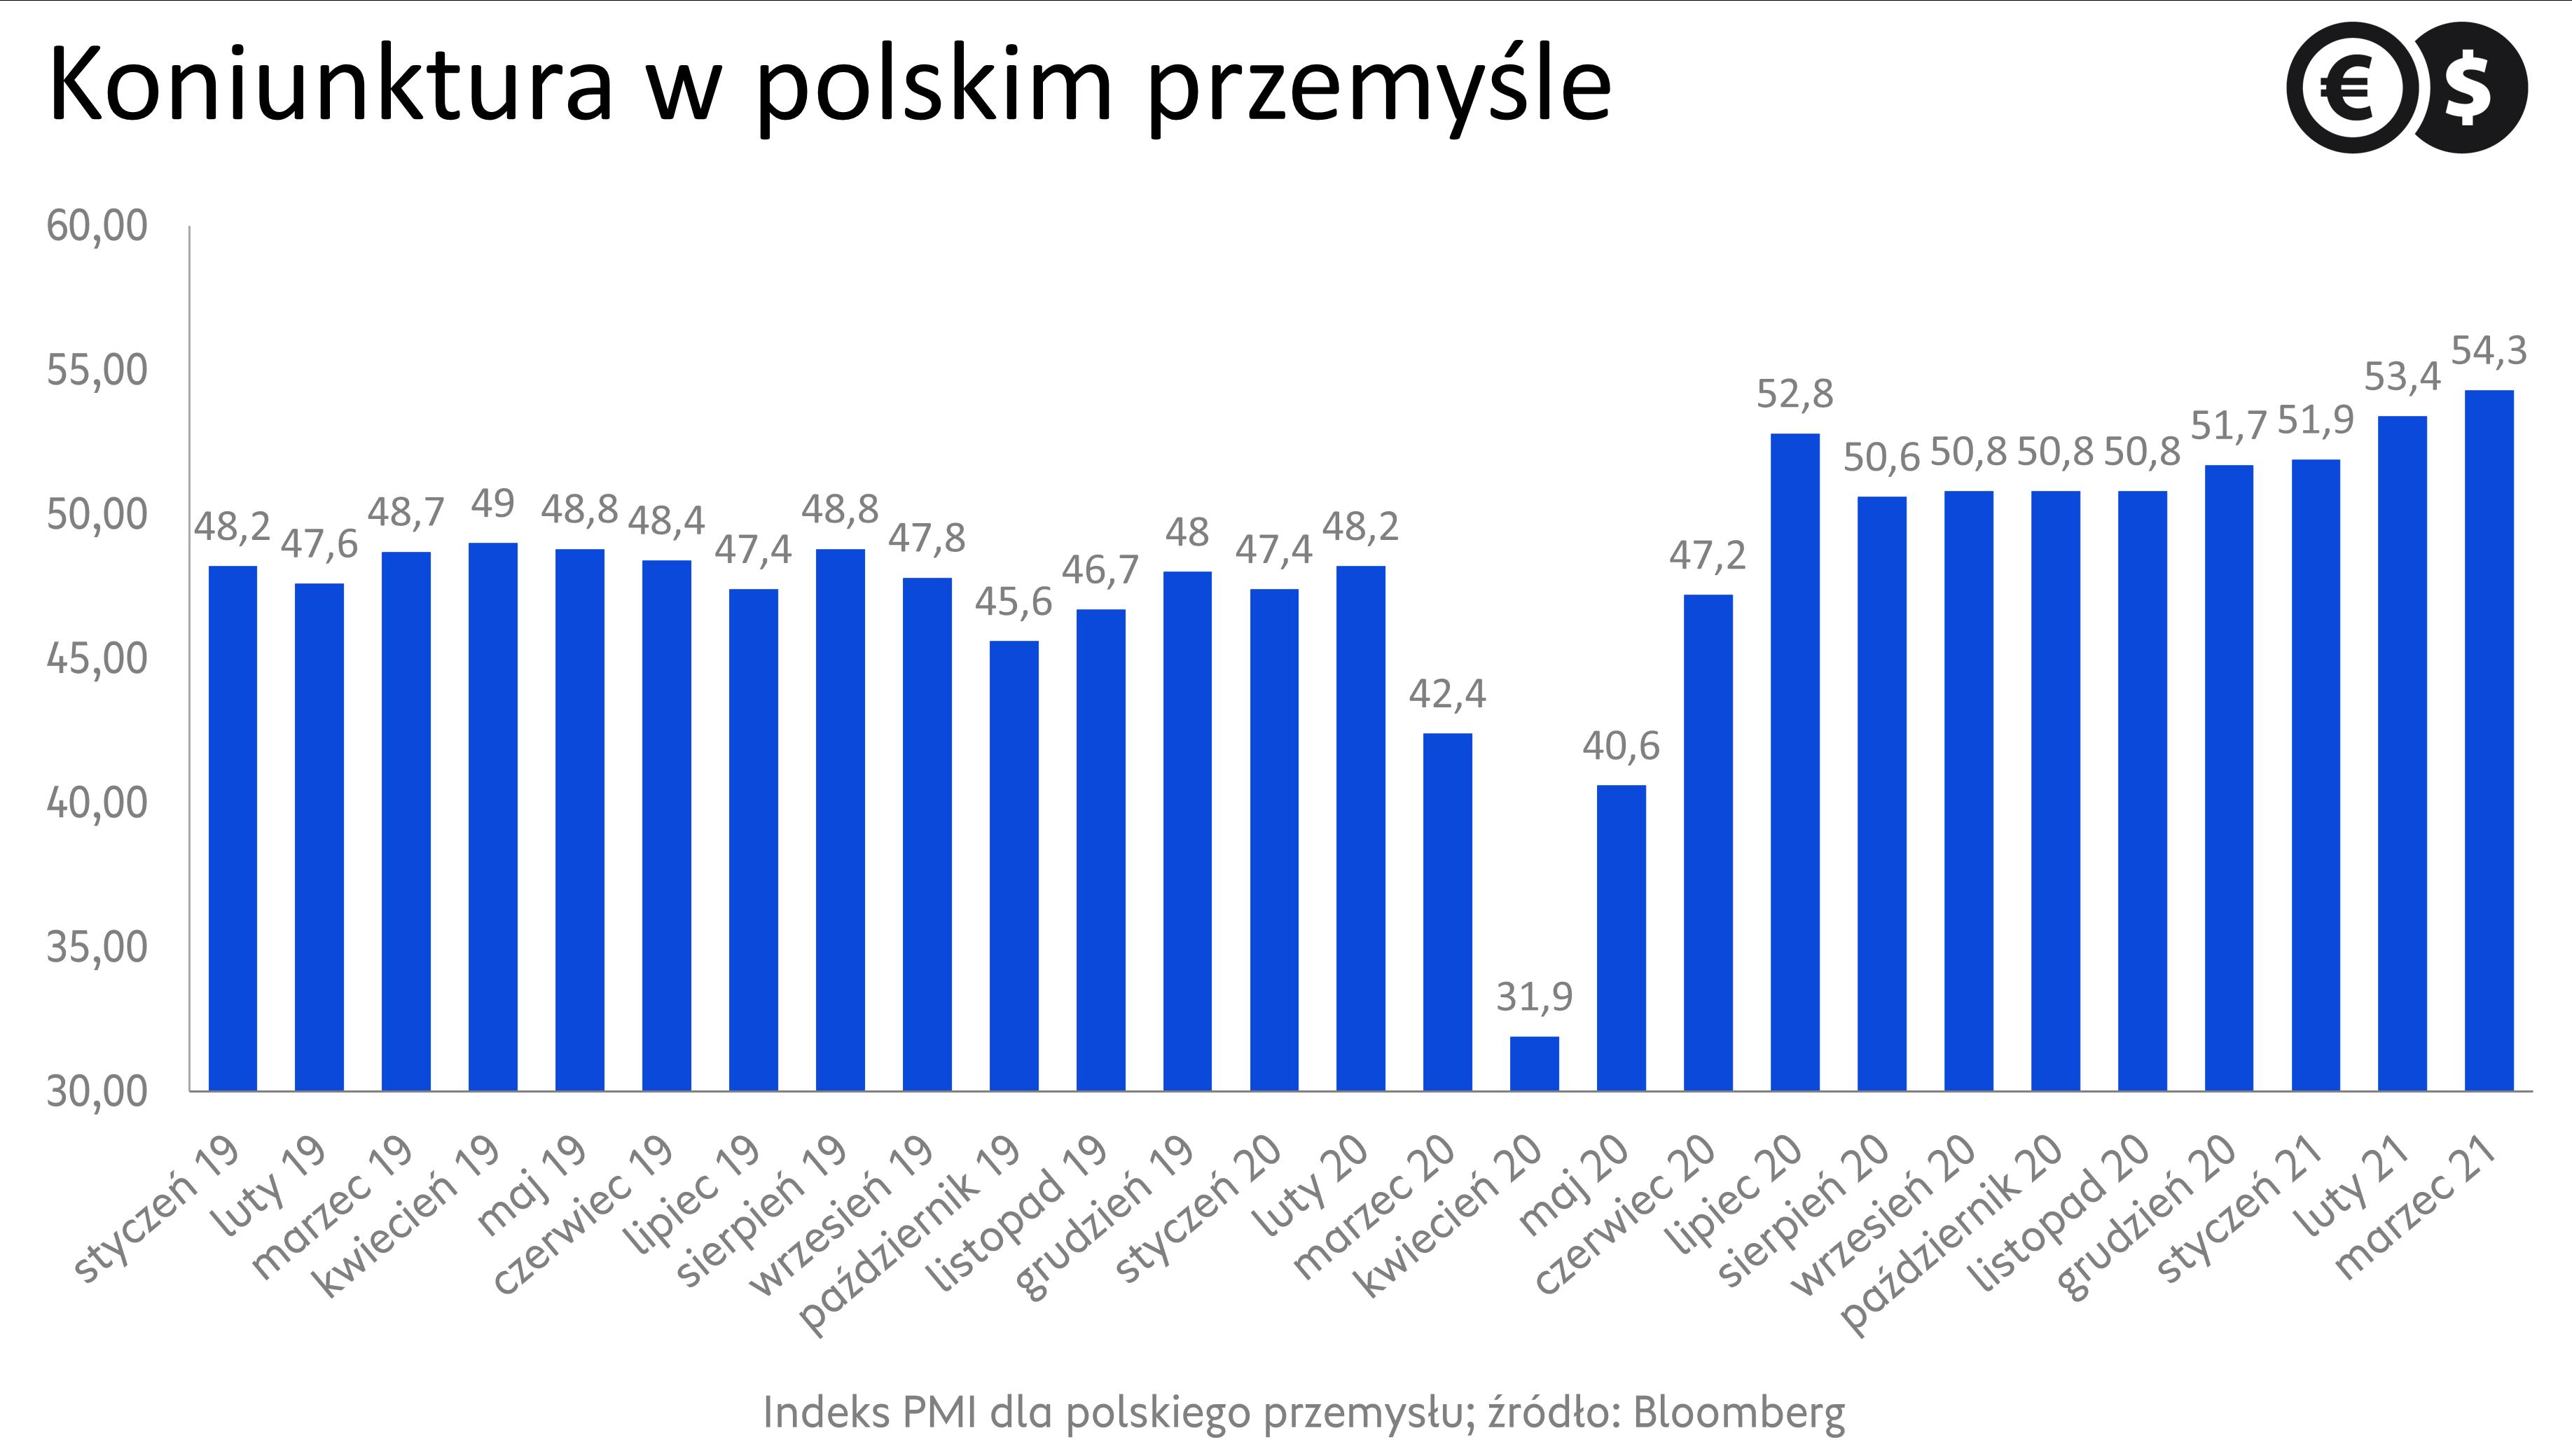 Koniunktura w przemyśle, indeks PMI dla Polski; źródło: Bloomberg